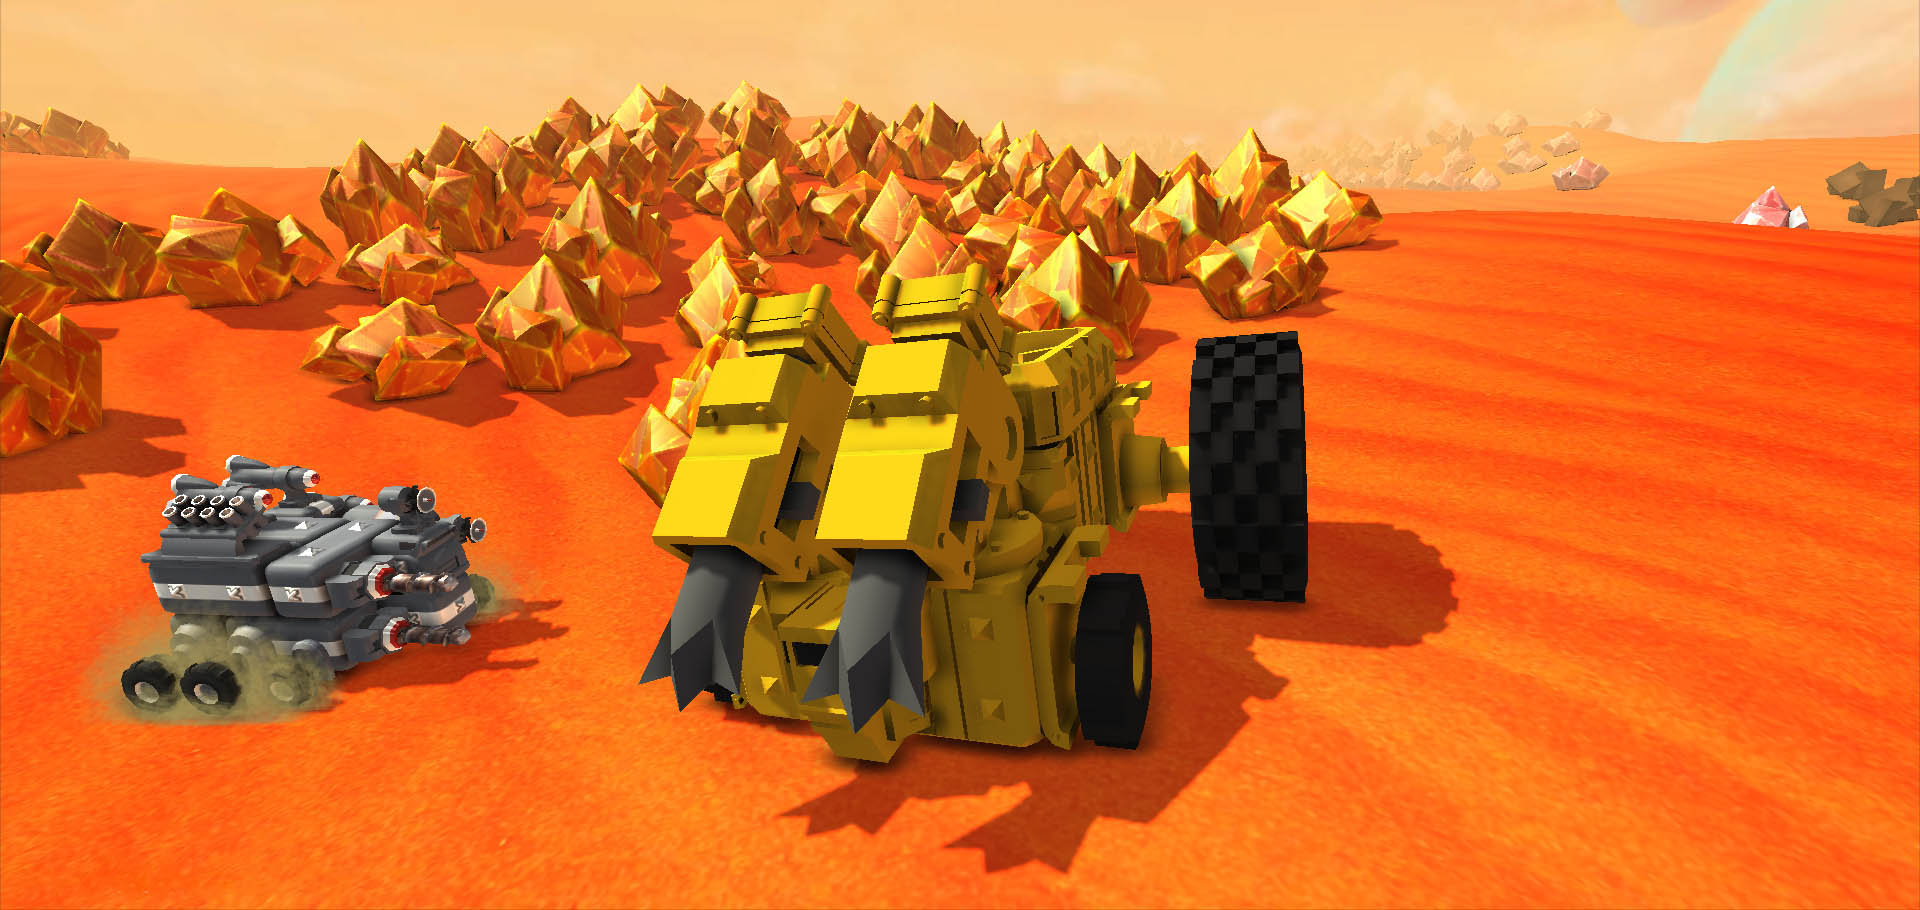 Скриншоты к TerraTech v0.7.8.3 (32/64 bit) - песочница-конструктор